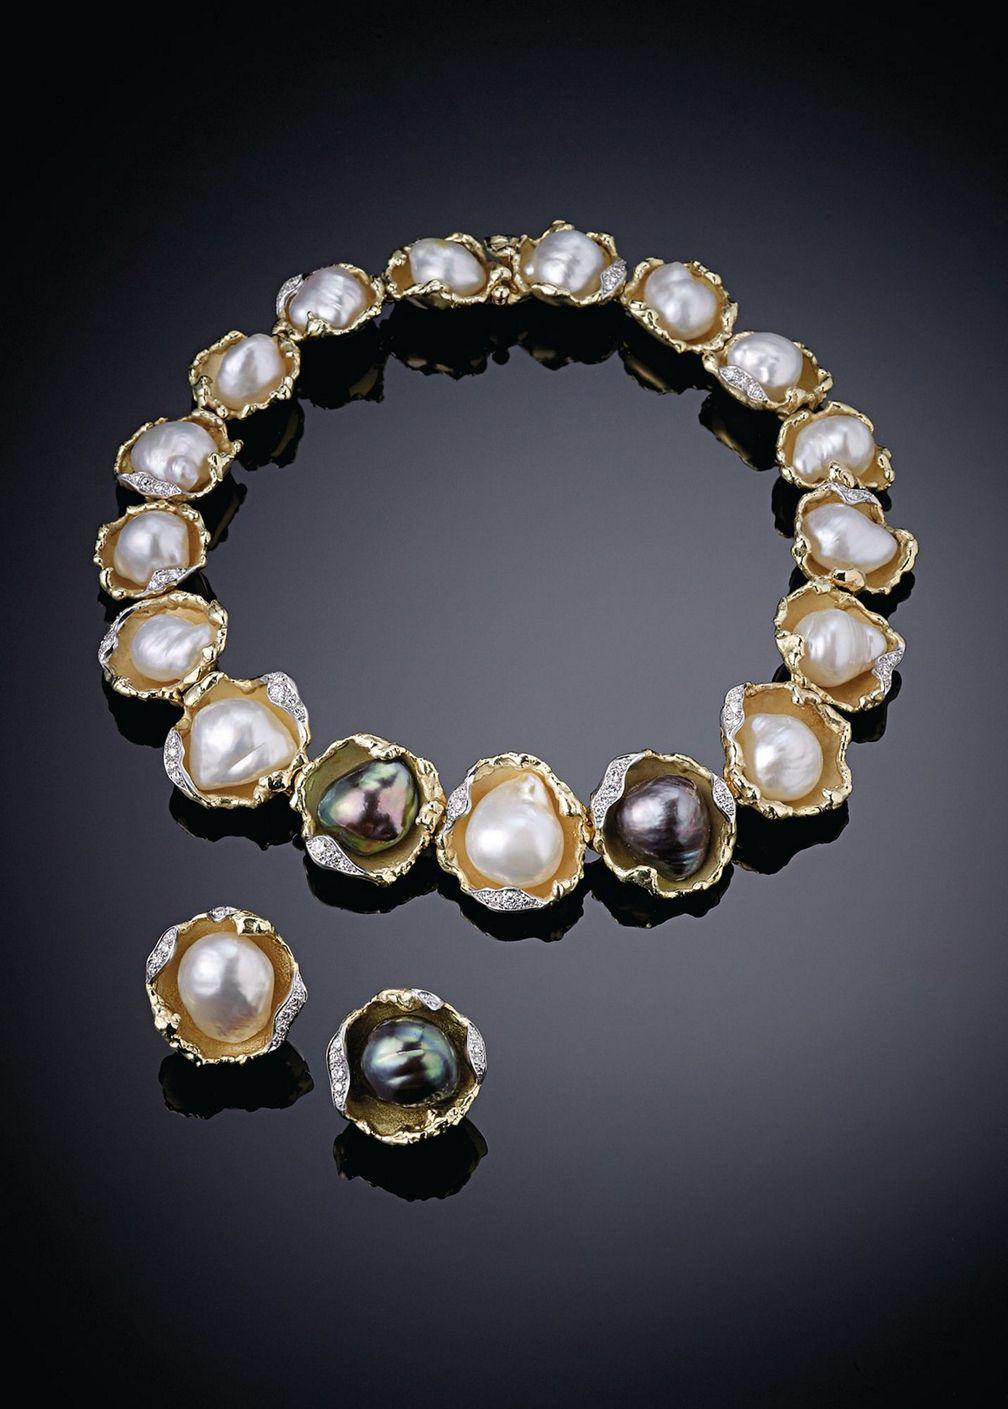 Колье и подходящие серьги из желтого золота и платины с жемчугом в стиле барокко и бриллиантами от Andrew Grima